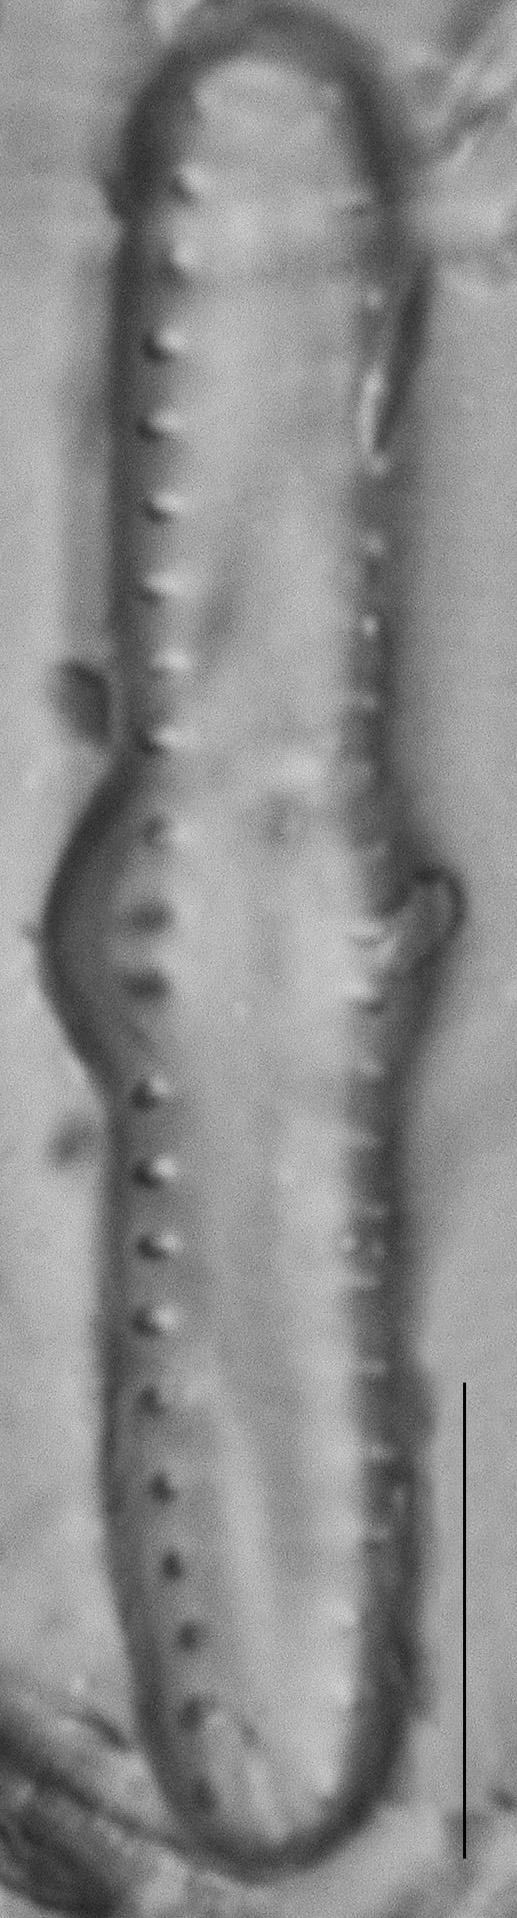 Dscn1935Ed